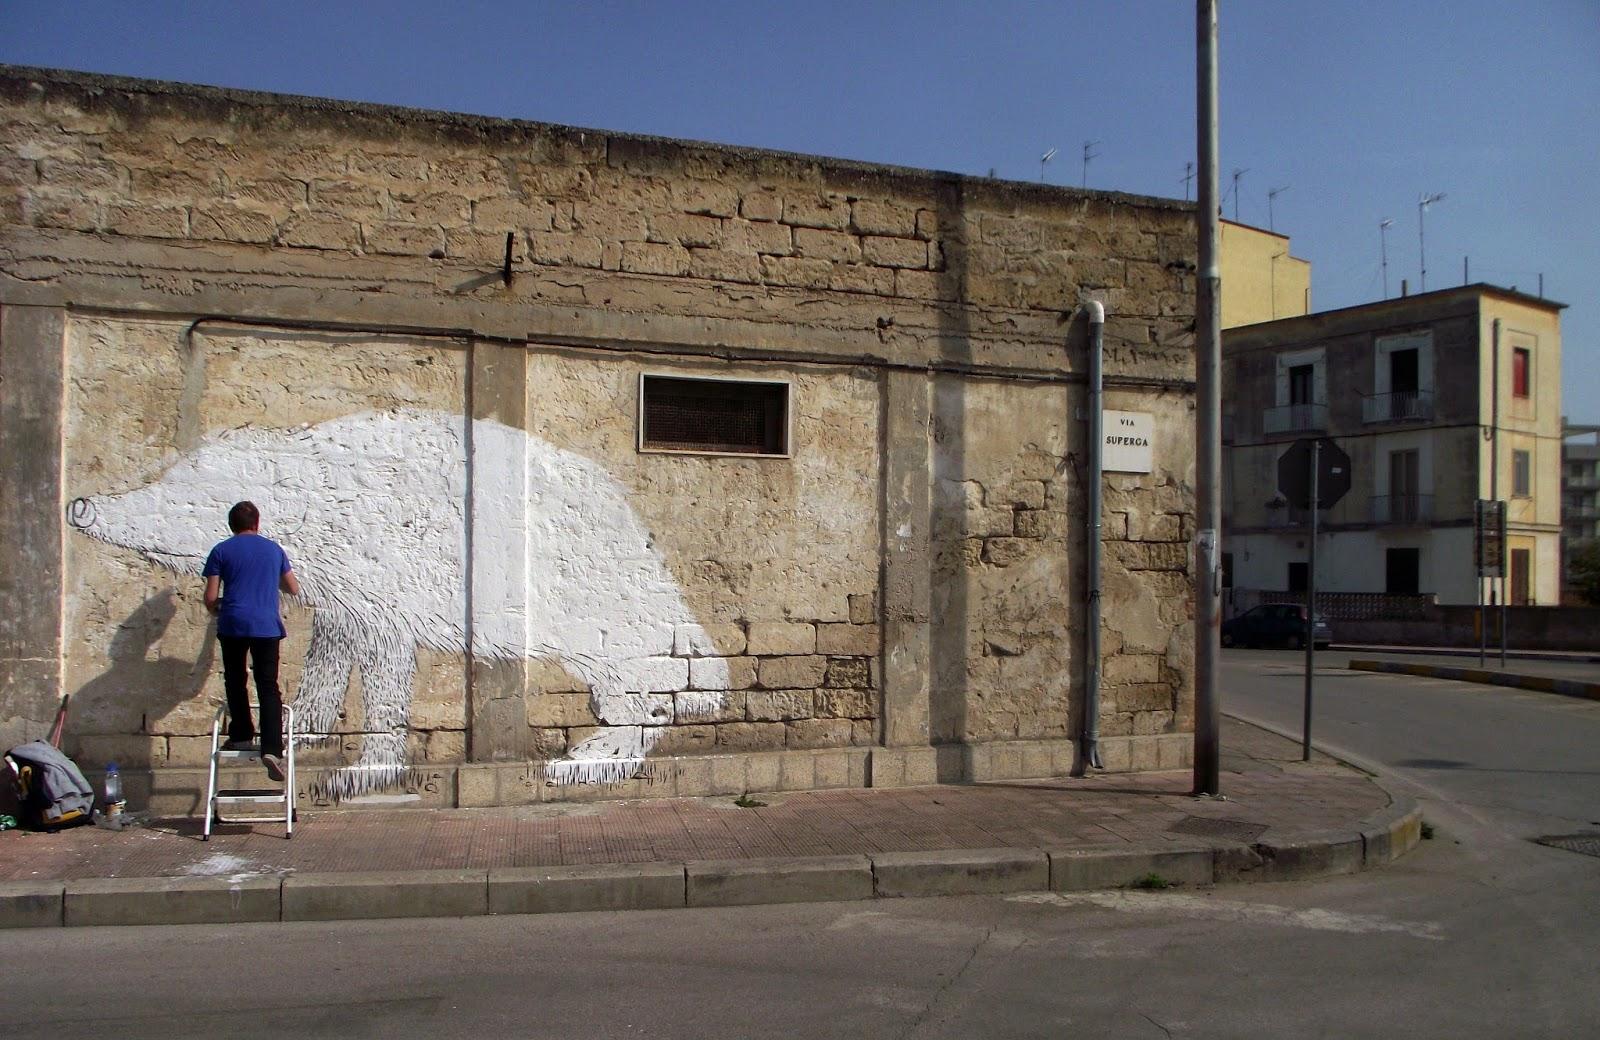 hope-gig-il-riccio-e-la-lepre-new-mural-04